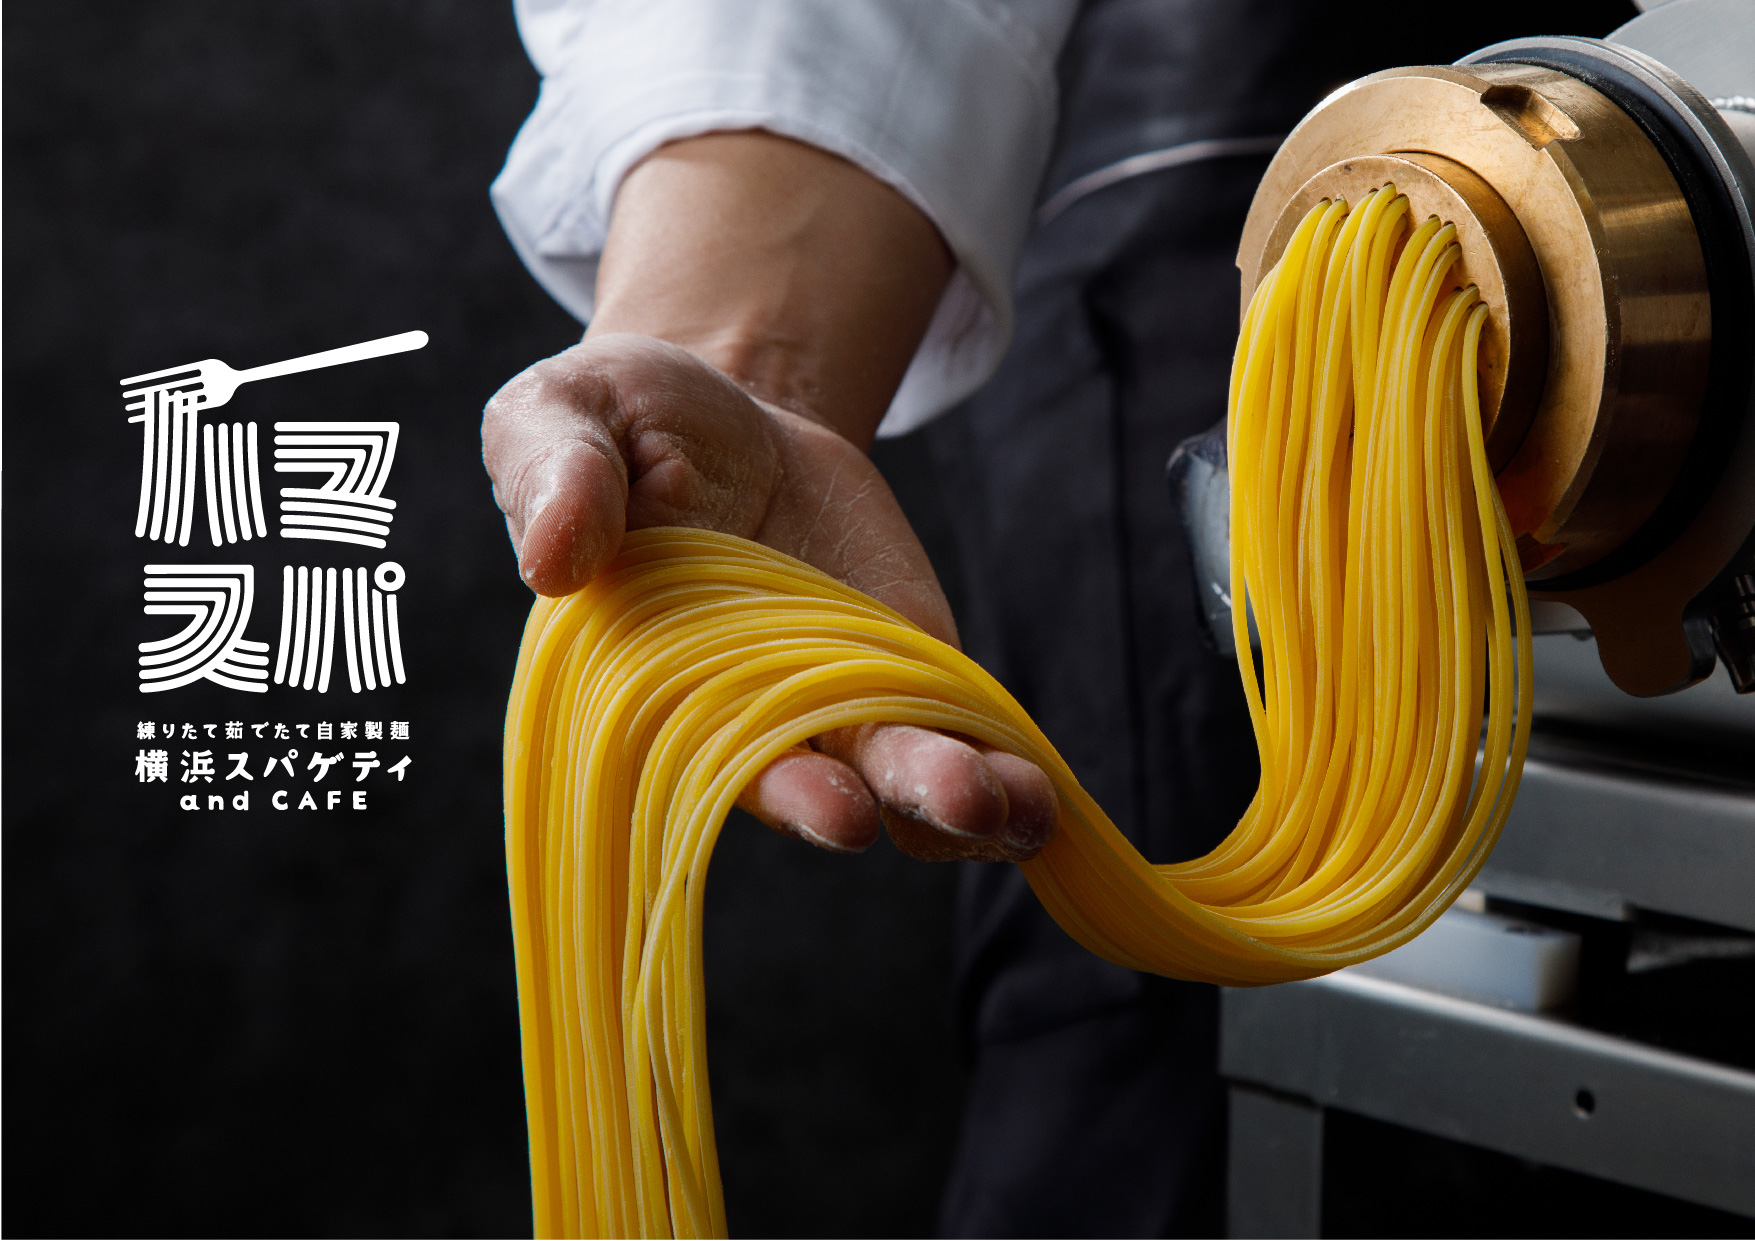 【横浜スパゲッティ】練りたて茹でたて自家製麺 へこだわり